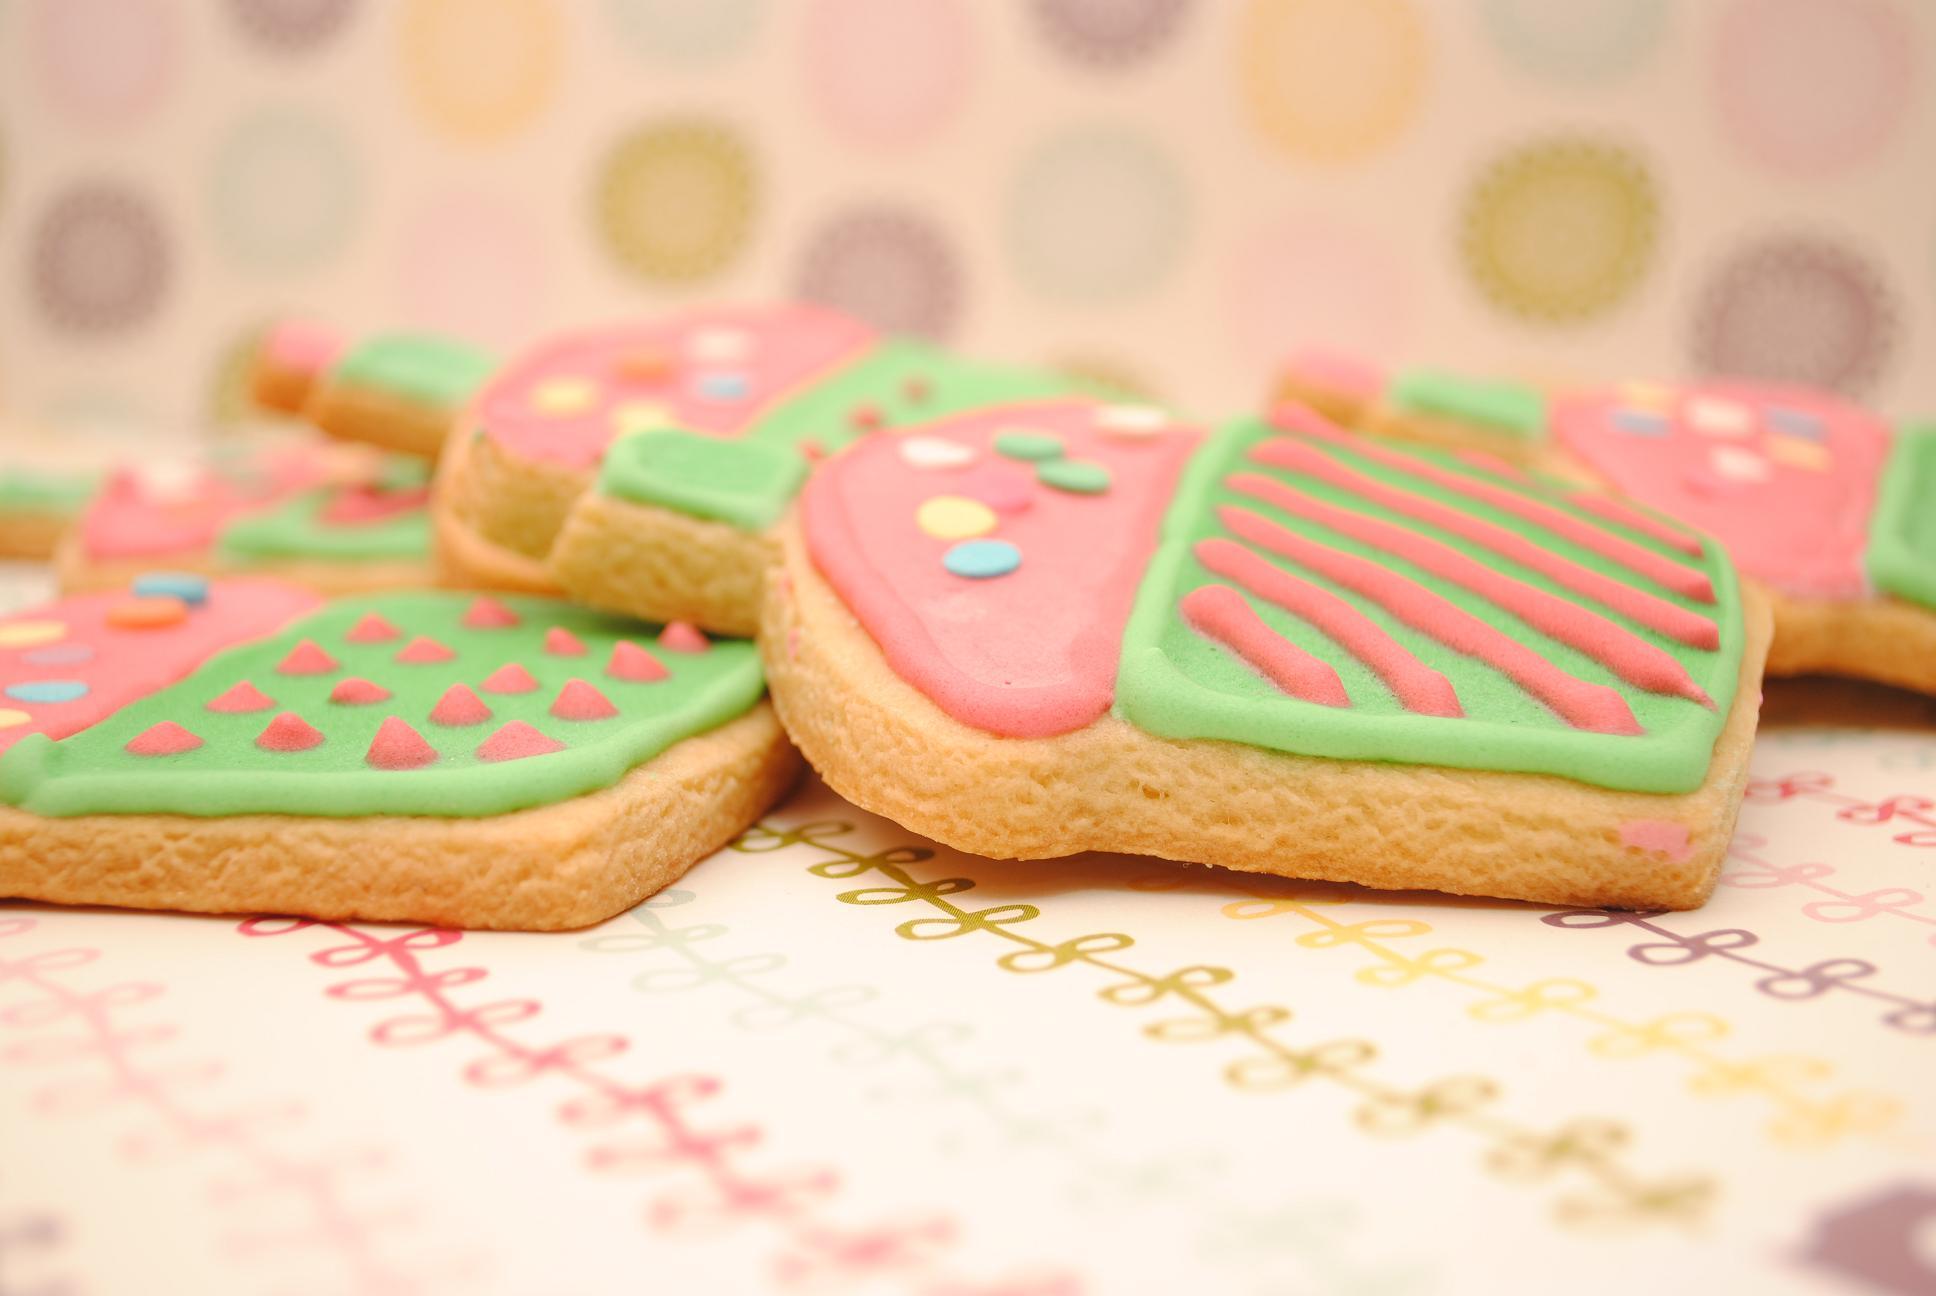 Galletas decoradas recetas f ciles Unareceta